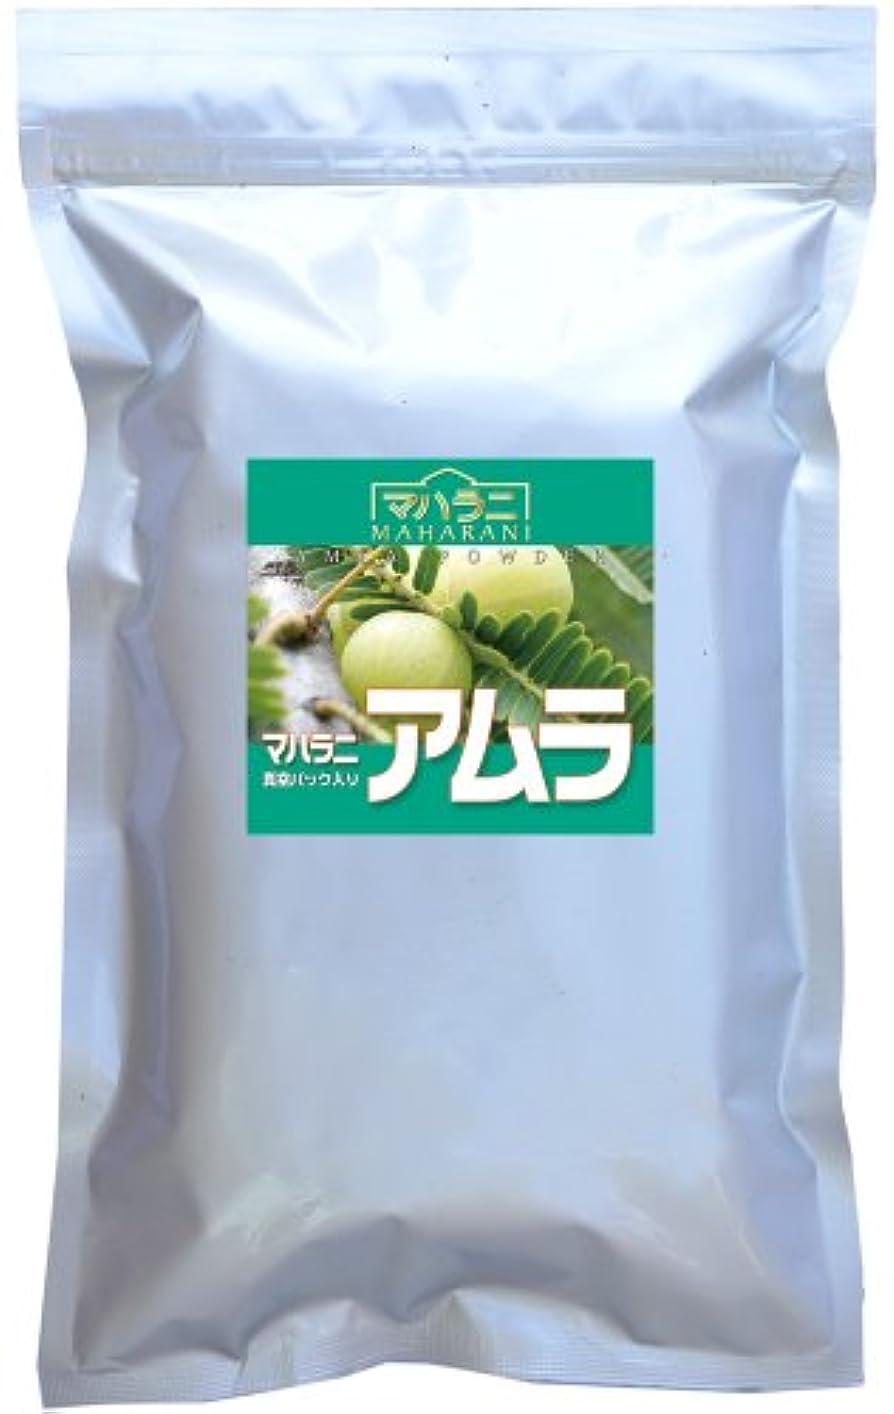 マハラニ アムラ 真空パック (500g)